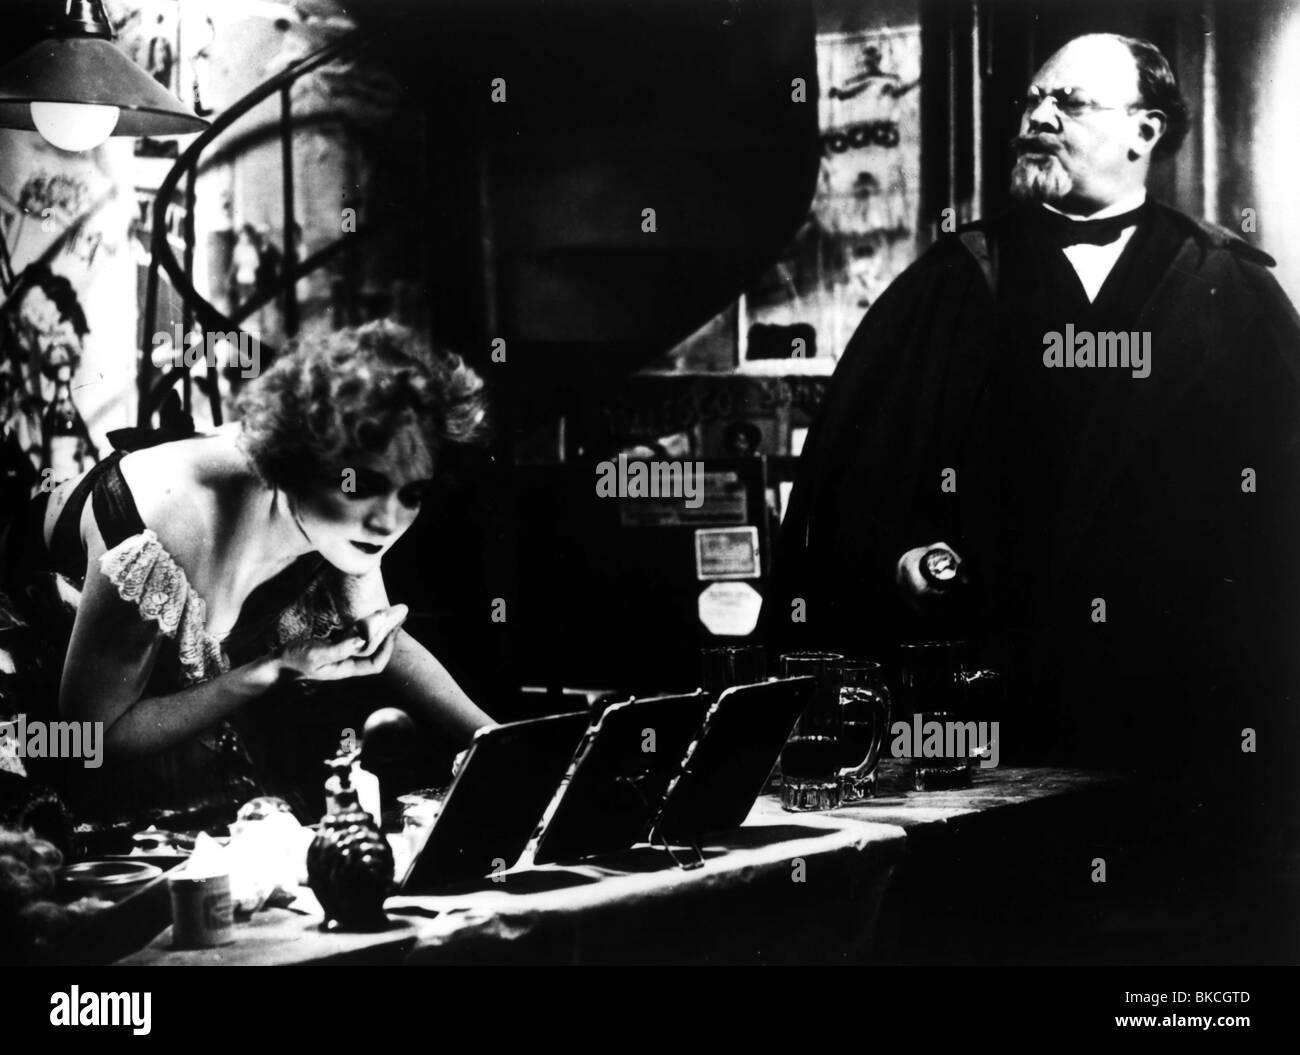 DER BLAUE ENGEL (1930) DER BLAUE ENGEL MARLENE DIETRICH, EMIL JANNINGS BLAN 004P MOVIESTORE CLLECTION LTD Stockbild